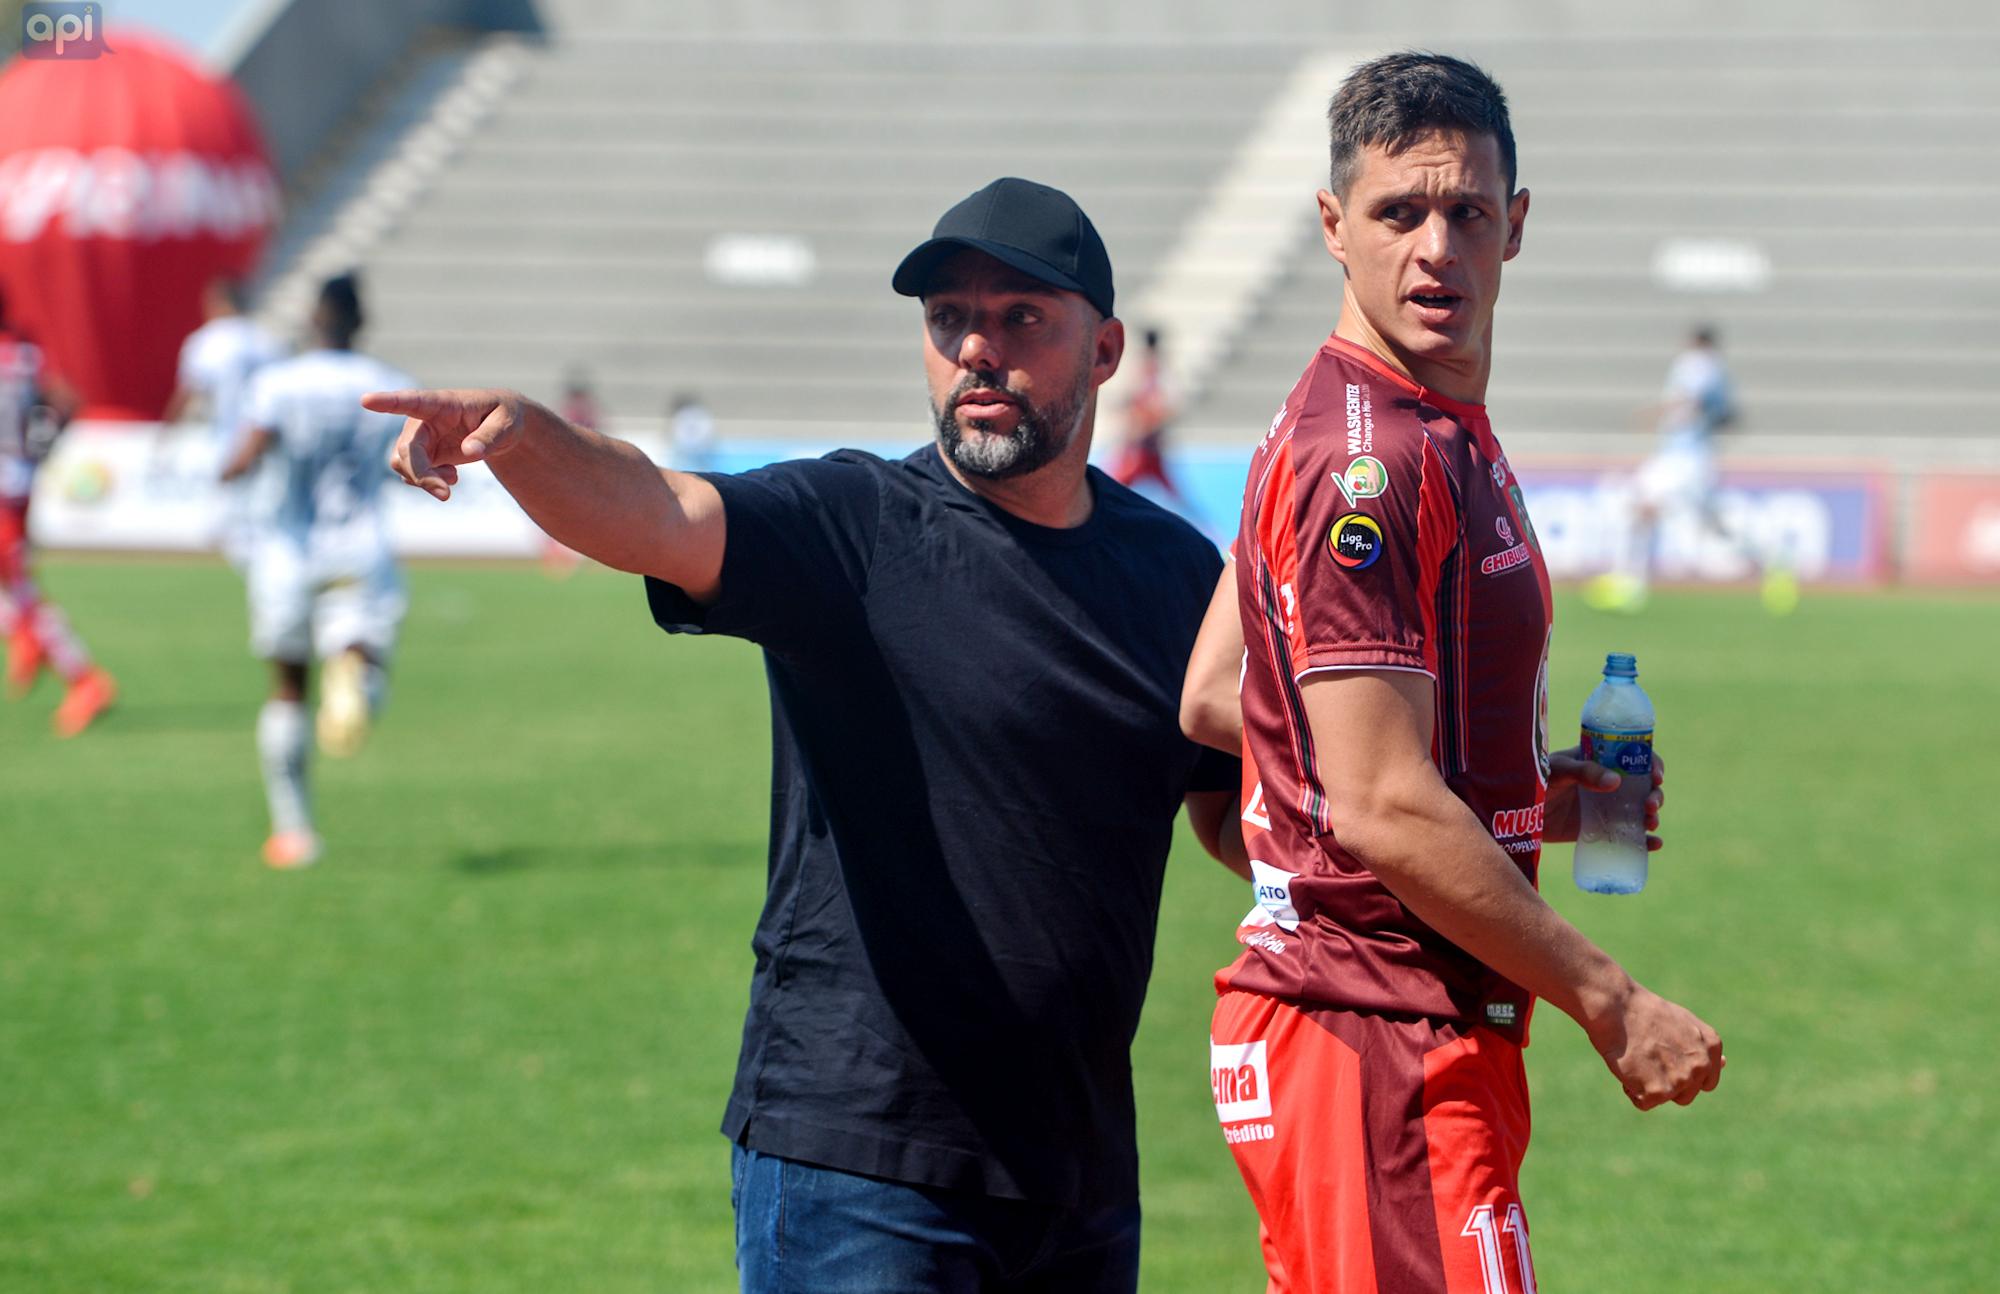 Martín Cardetti recriminó a los árbitros del duelo ante Macará y denunció actos racistas hacia Carlos Ortiz